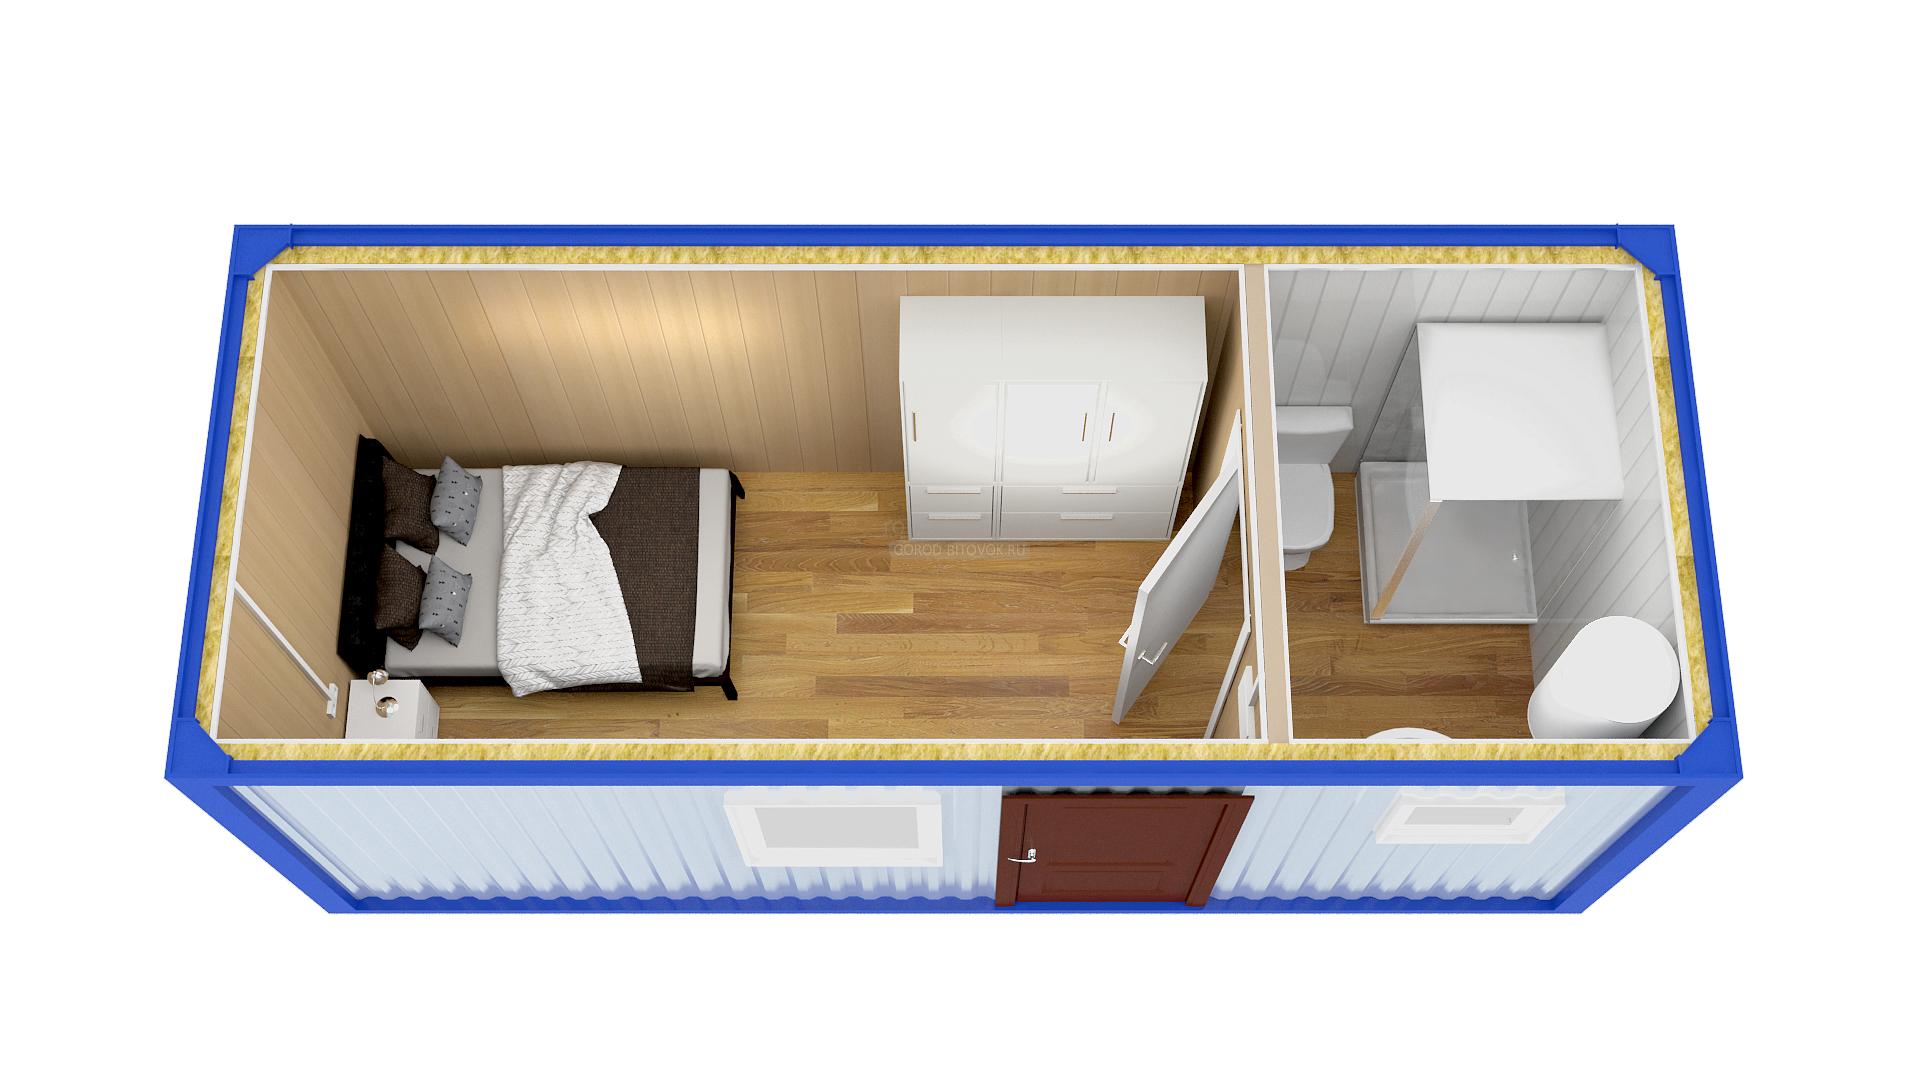 Дачные бытовки с туалетом и душем: обустройство зимних бытовок с санузлом для дачи, угловые бытовки с душевой и другие планировки